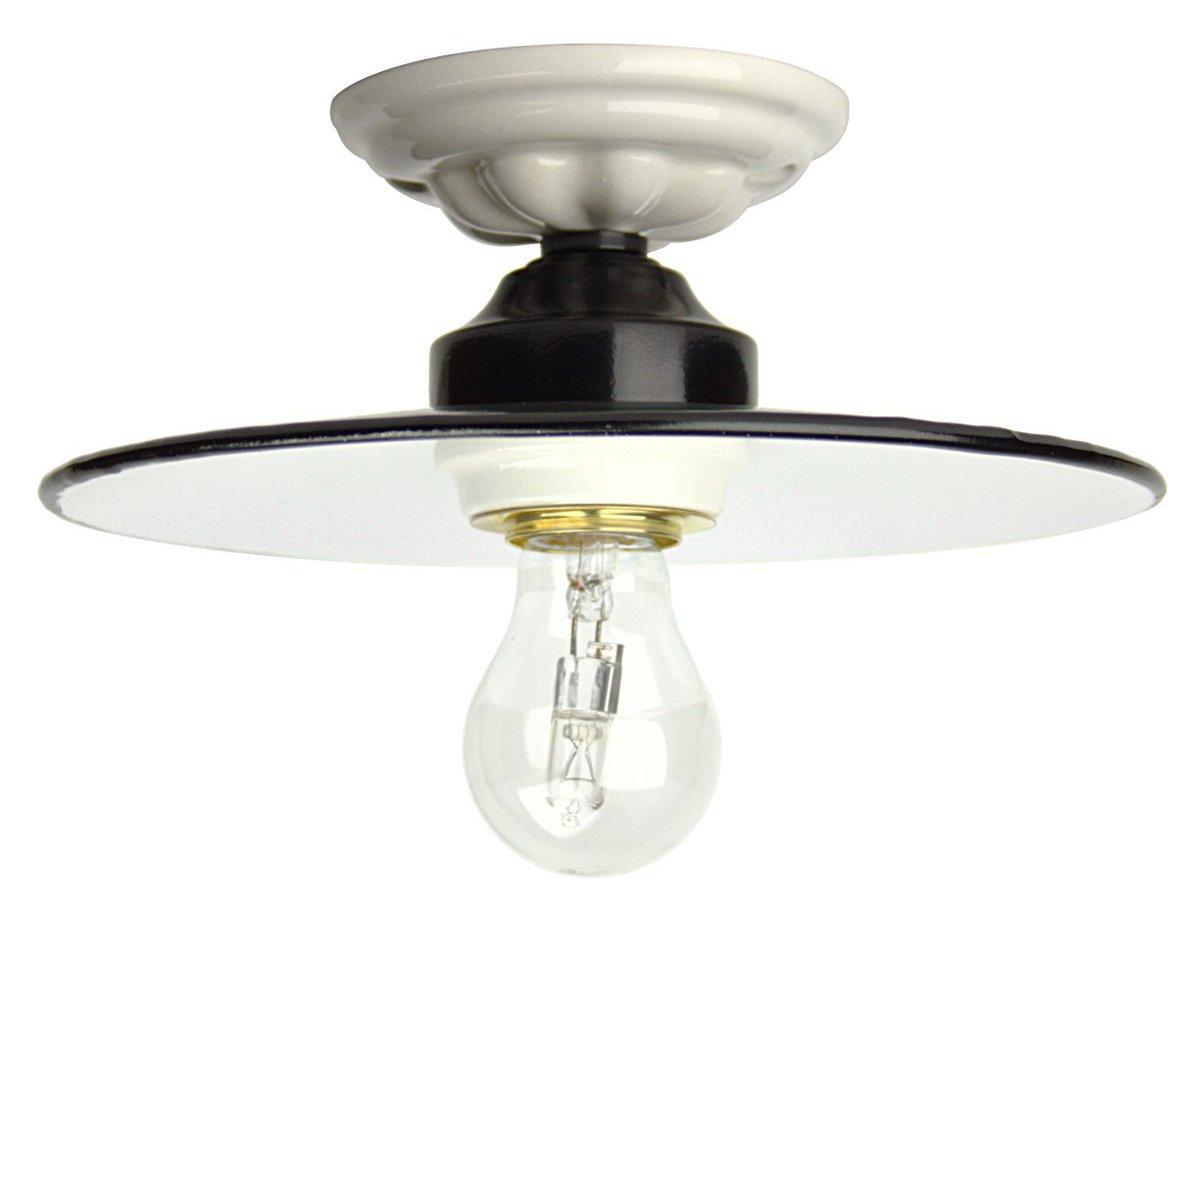 klassische deckenlampe im antiken stil mit schwarzem eisen schirm mit gro em schirm von. Black Bedroom Furniture Sets. Home Design Ideas